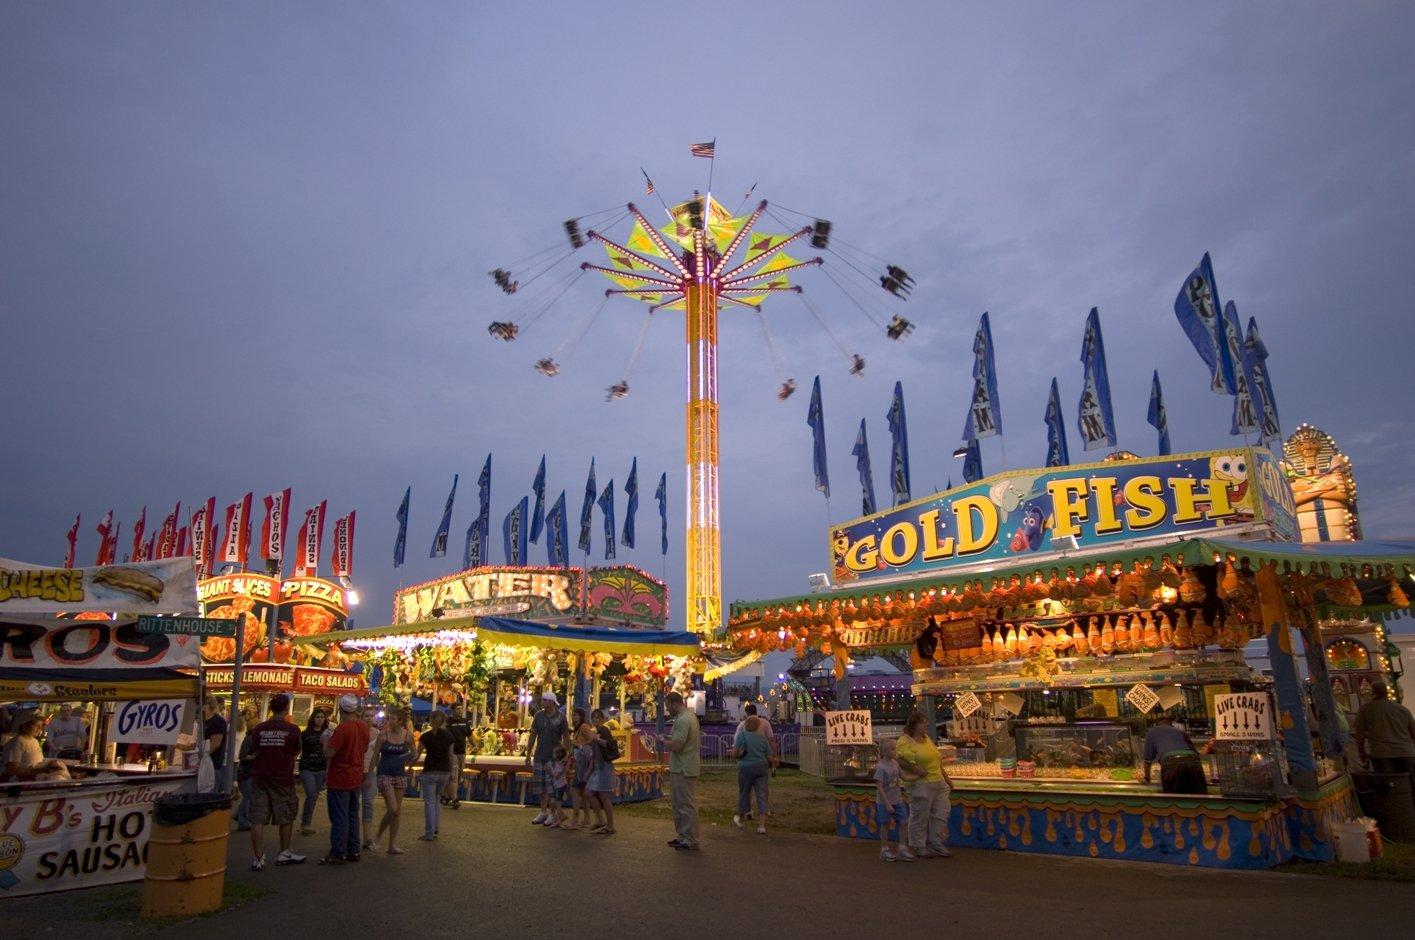 County Fair Rides